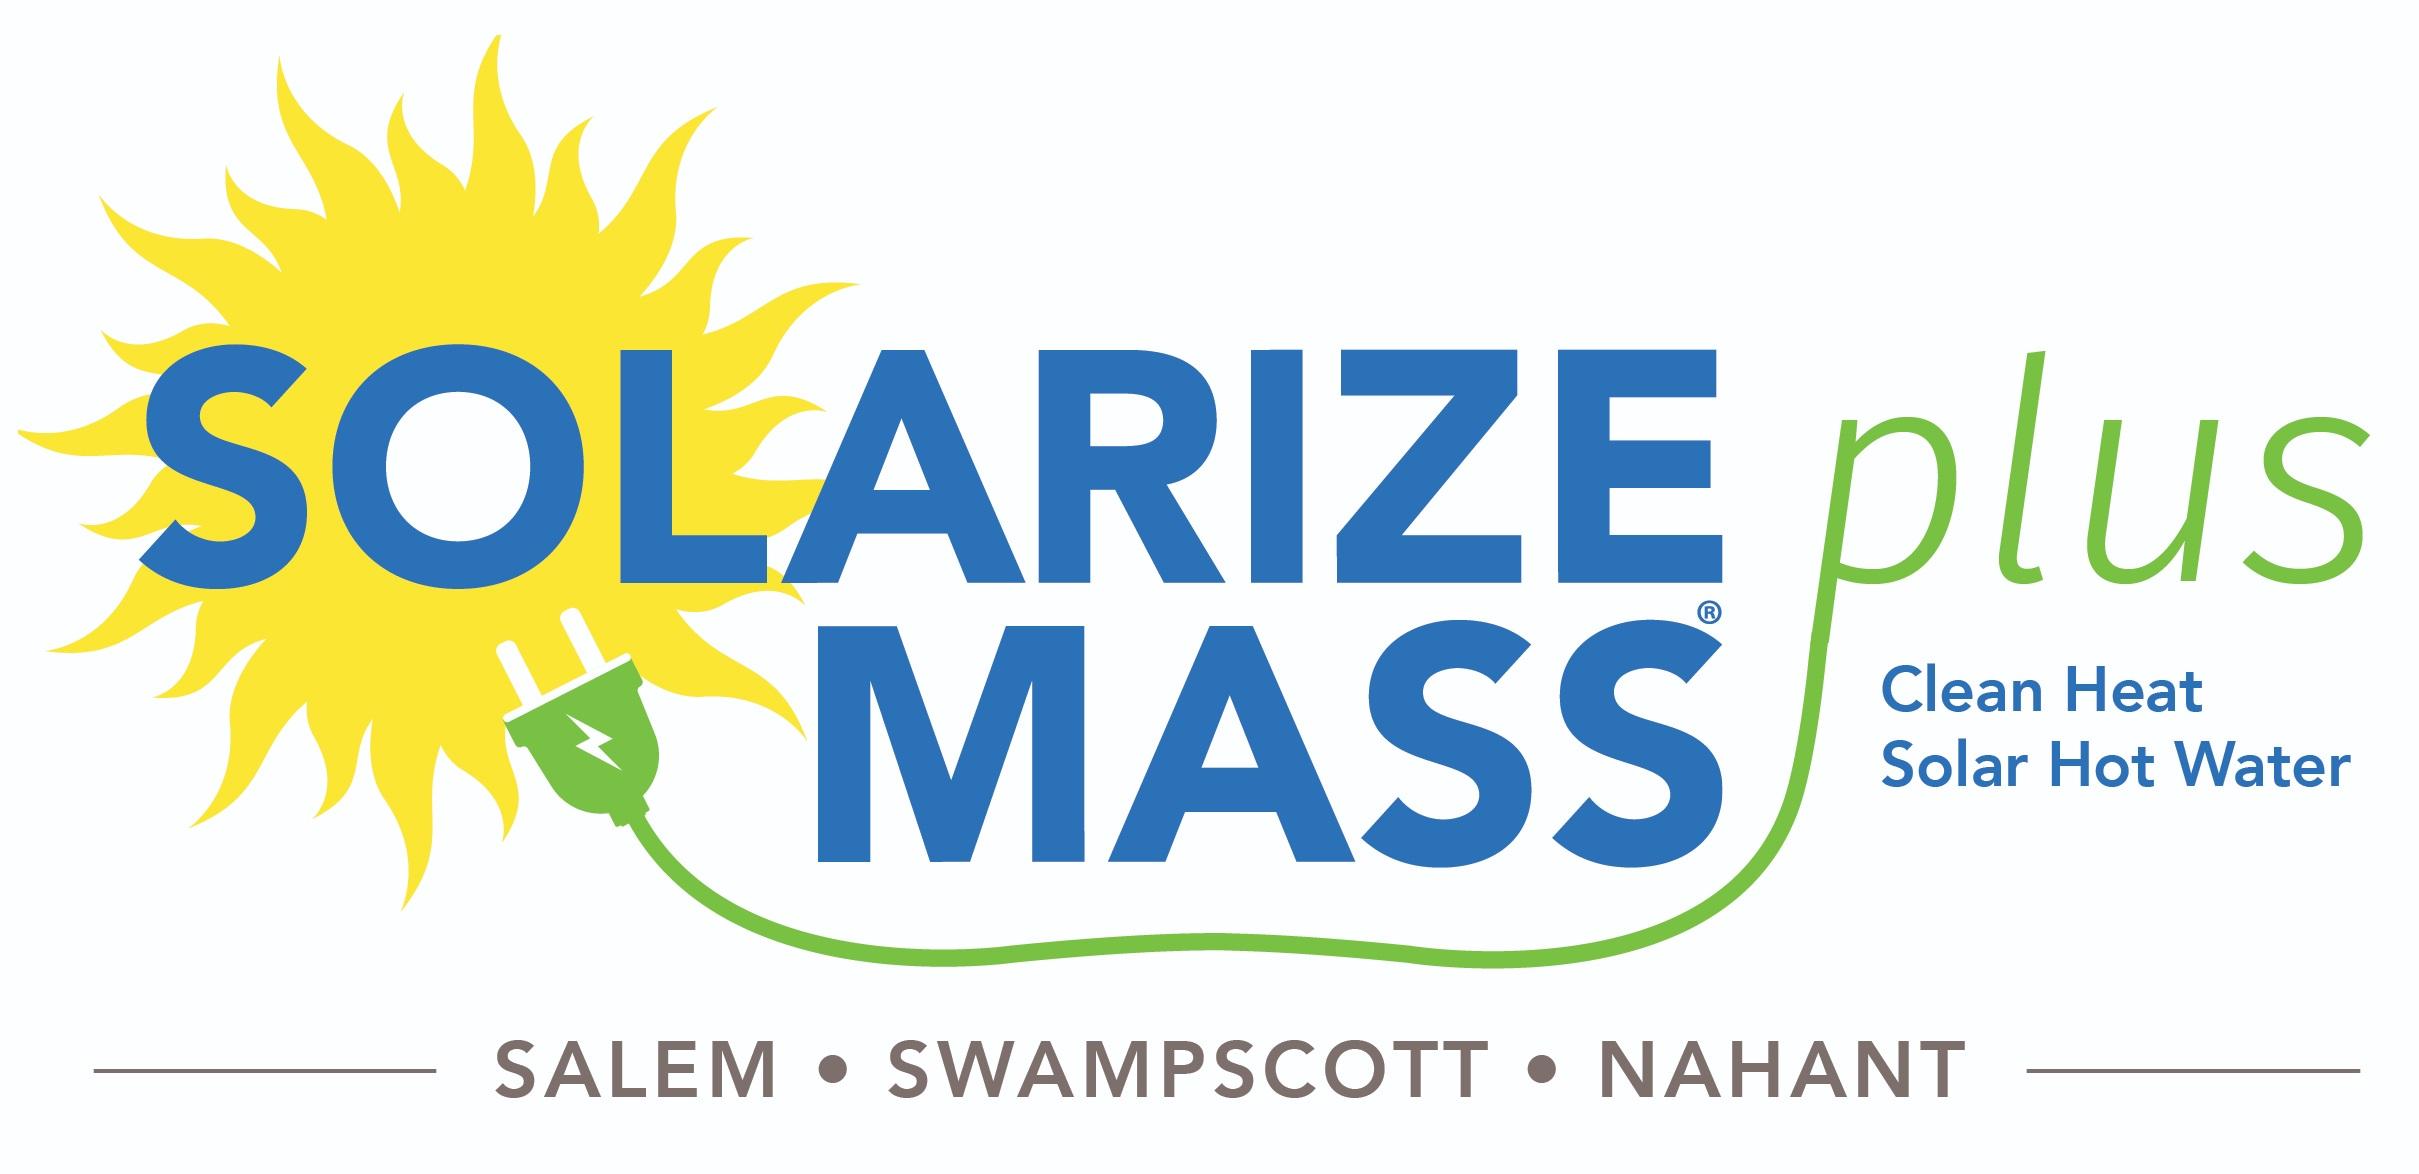 SolarizeMass_Plus_Logo_Salem-Swampscott-Nahant.jpg